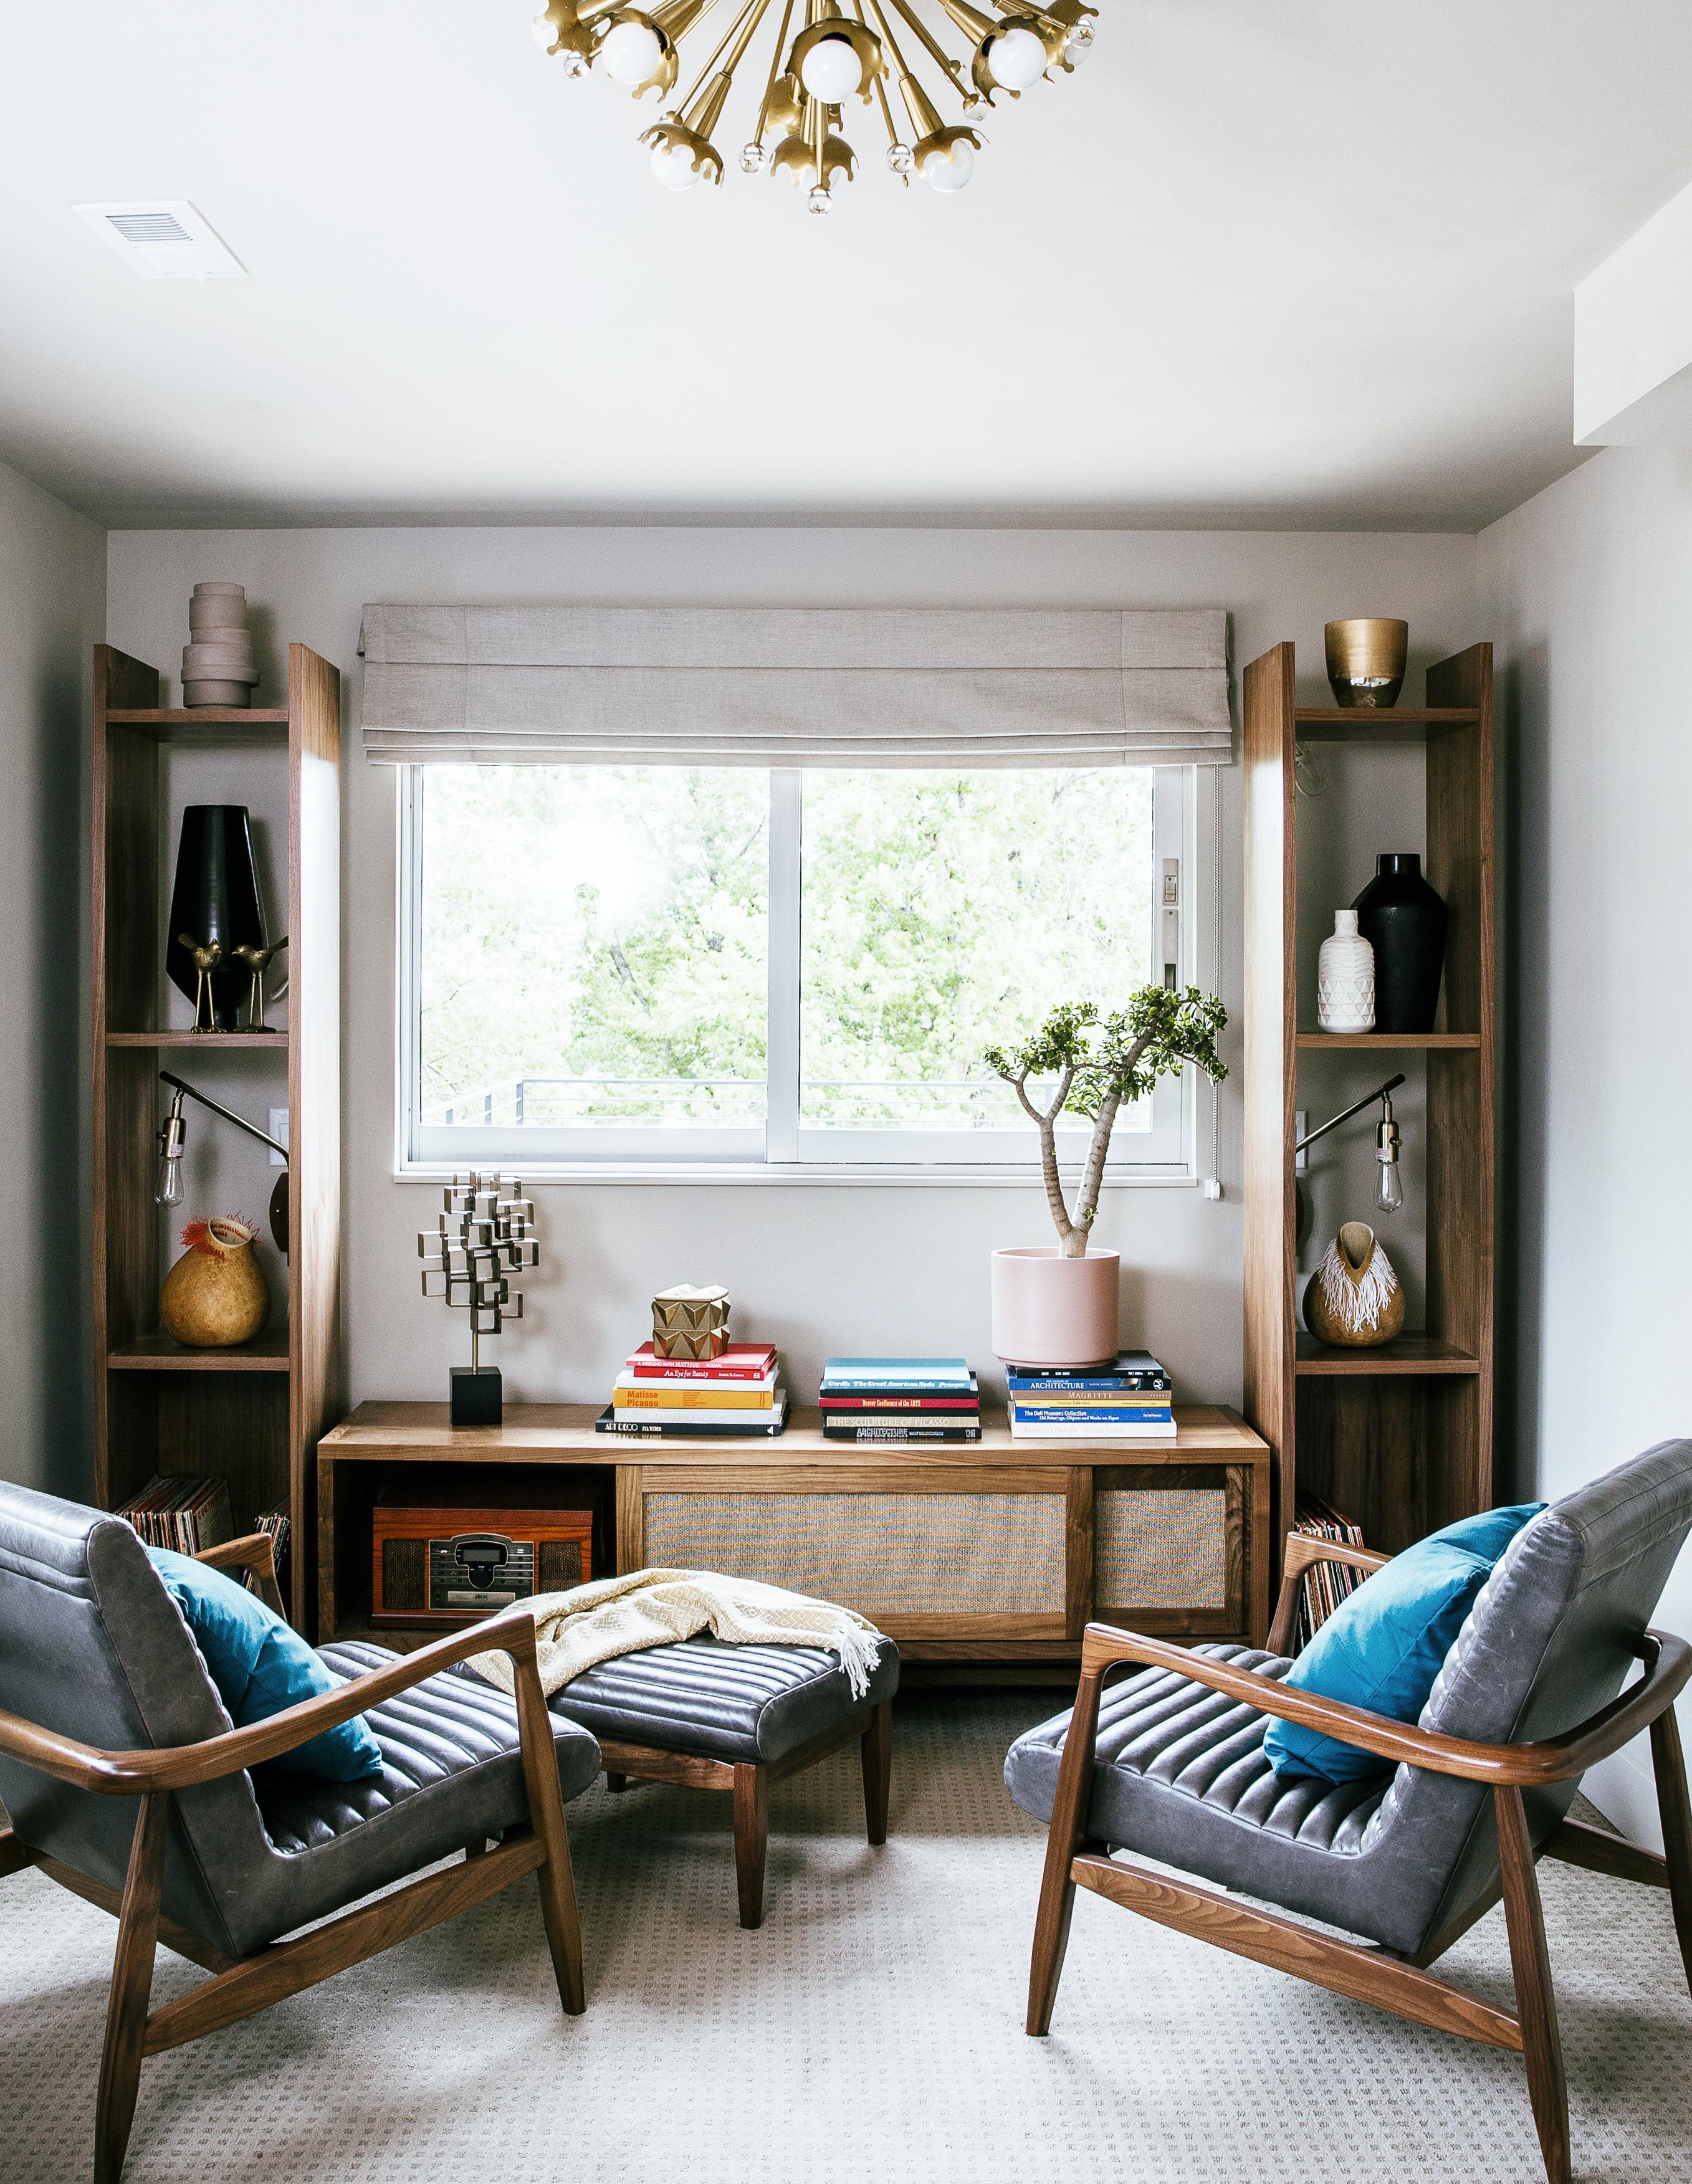 51 Great Ideas for Shelves - Sunset Magazine